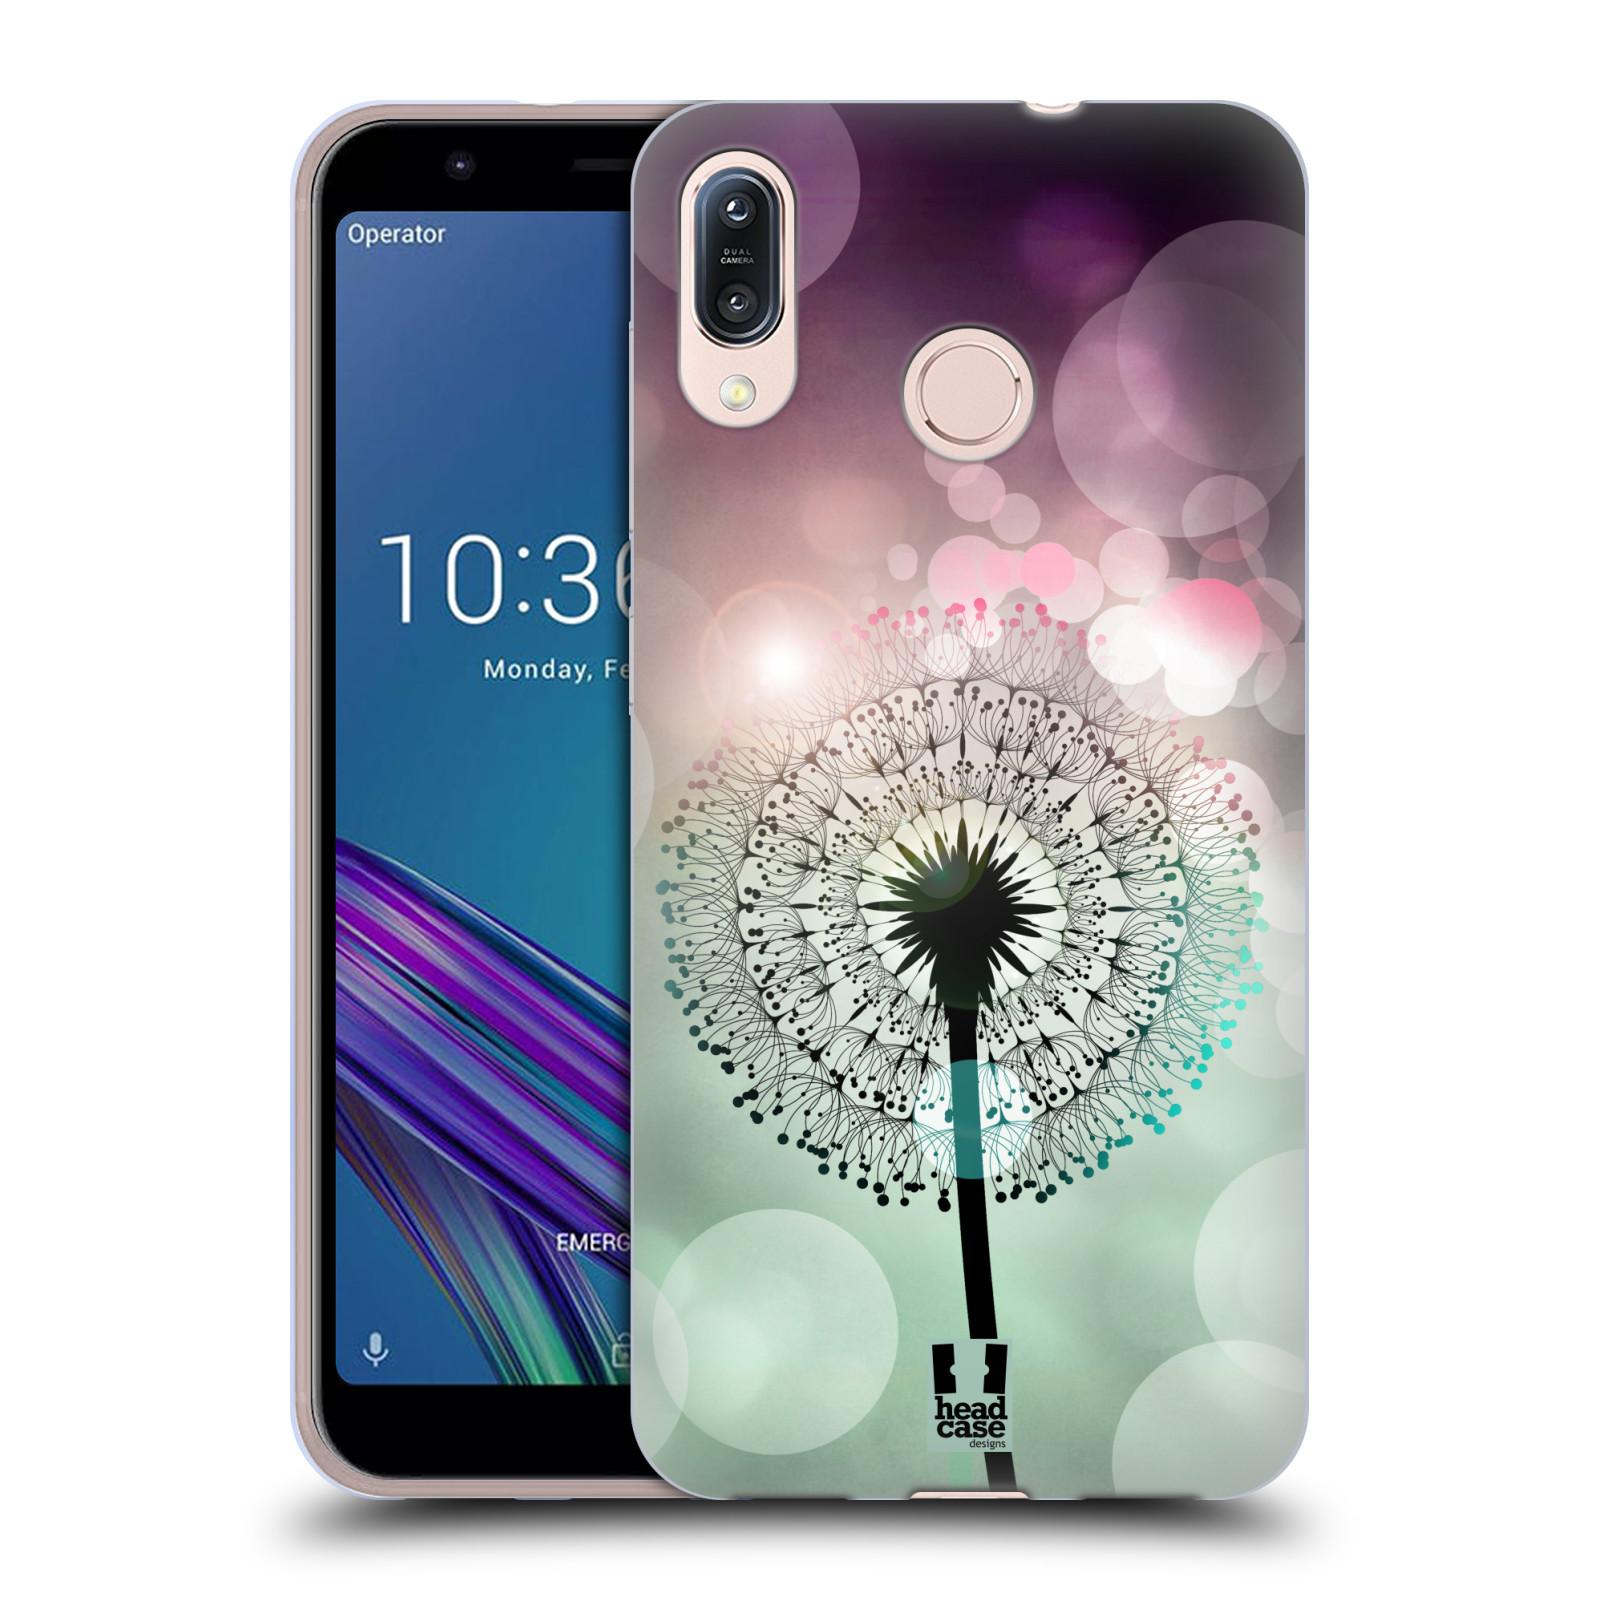 Silikonové pouzdro na mobil Asus Zenfone Max M1 ZB555KL - Head Case - Pampeliškové odlesky